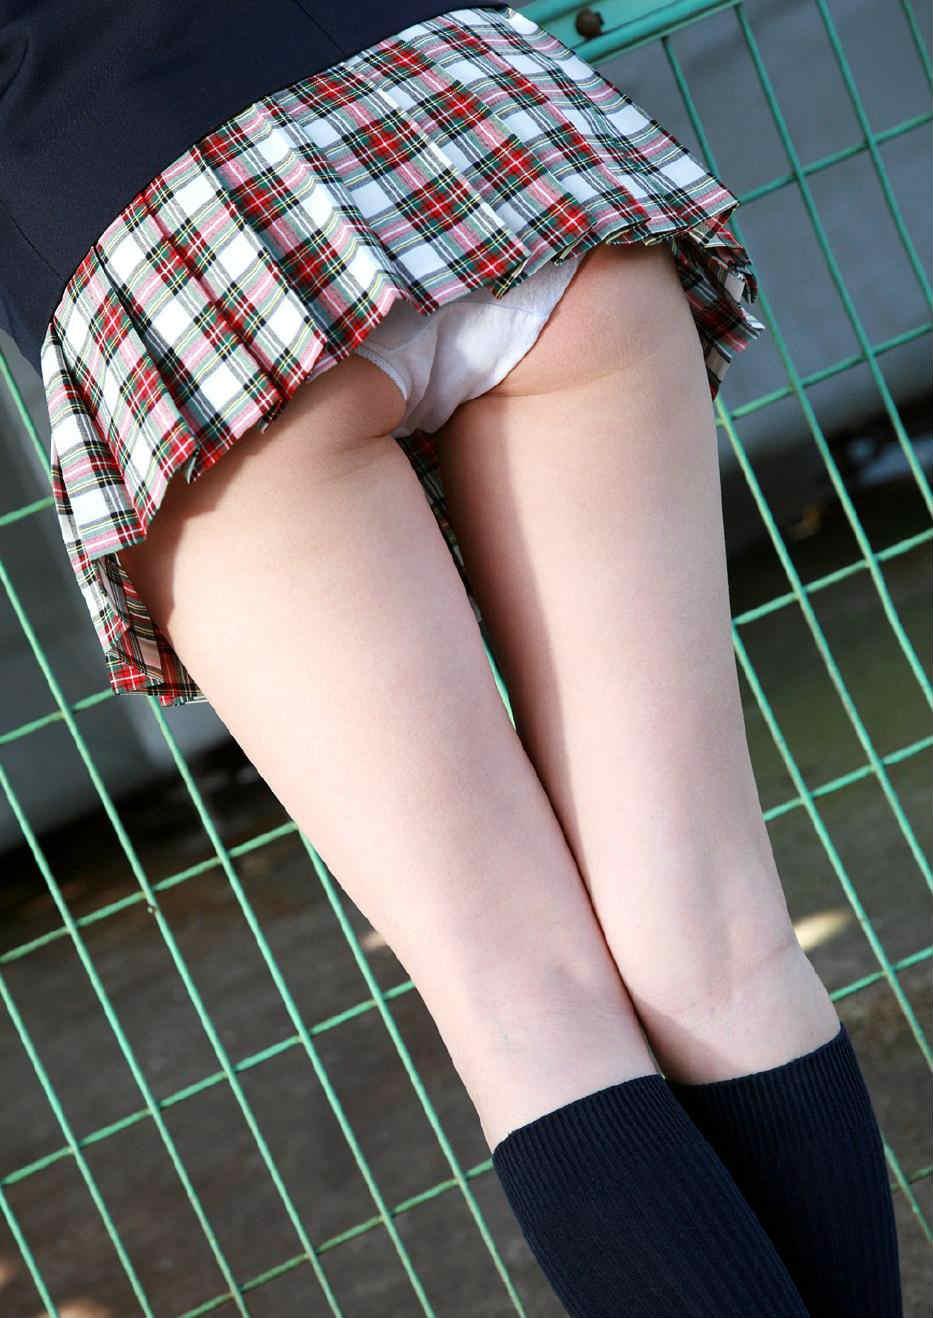 【パンチラ】度を超えた超ミニスカ女子、ワカメちゃん超えてくるwwwwwwwwwww(画像35枚)・34枚目